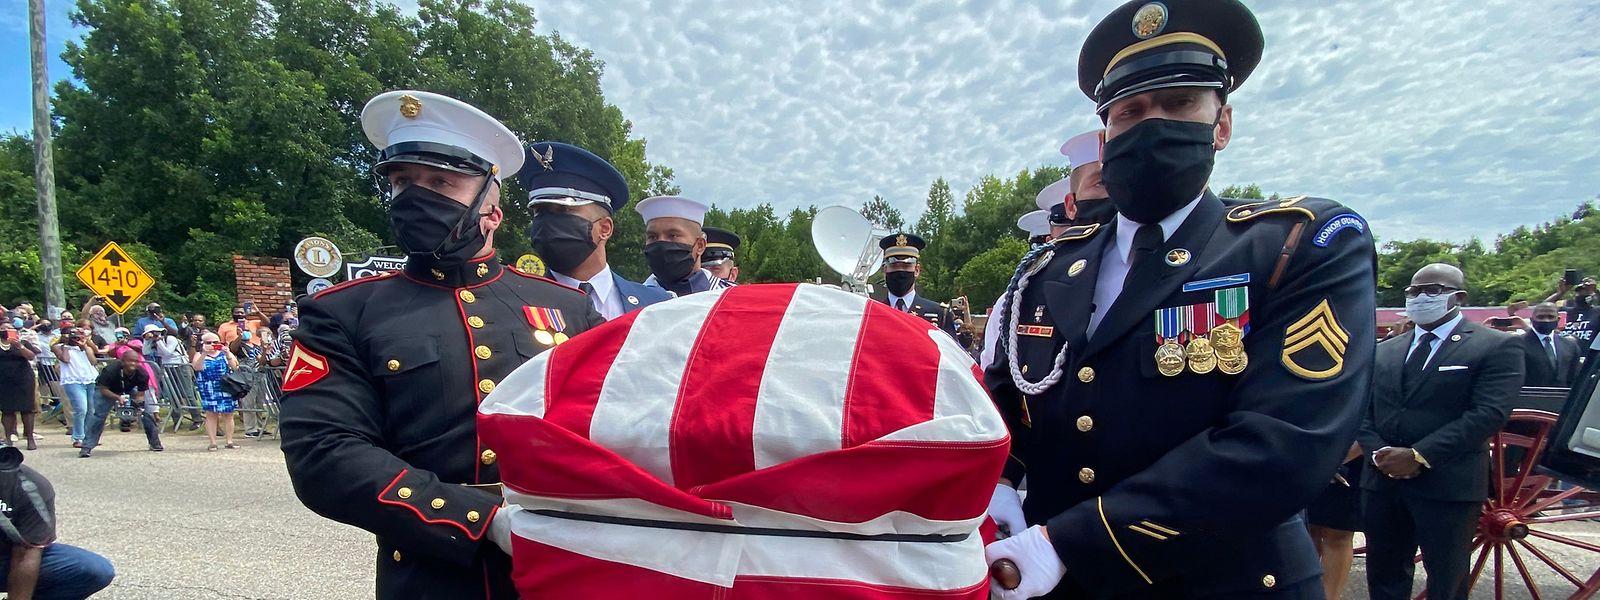 Eine Ehrengarde der Vereinigten Staaten trägt den Sarg des verstorbenen Abgeordneten John Lewis.